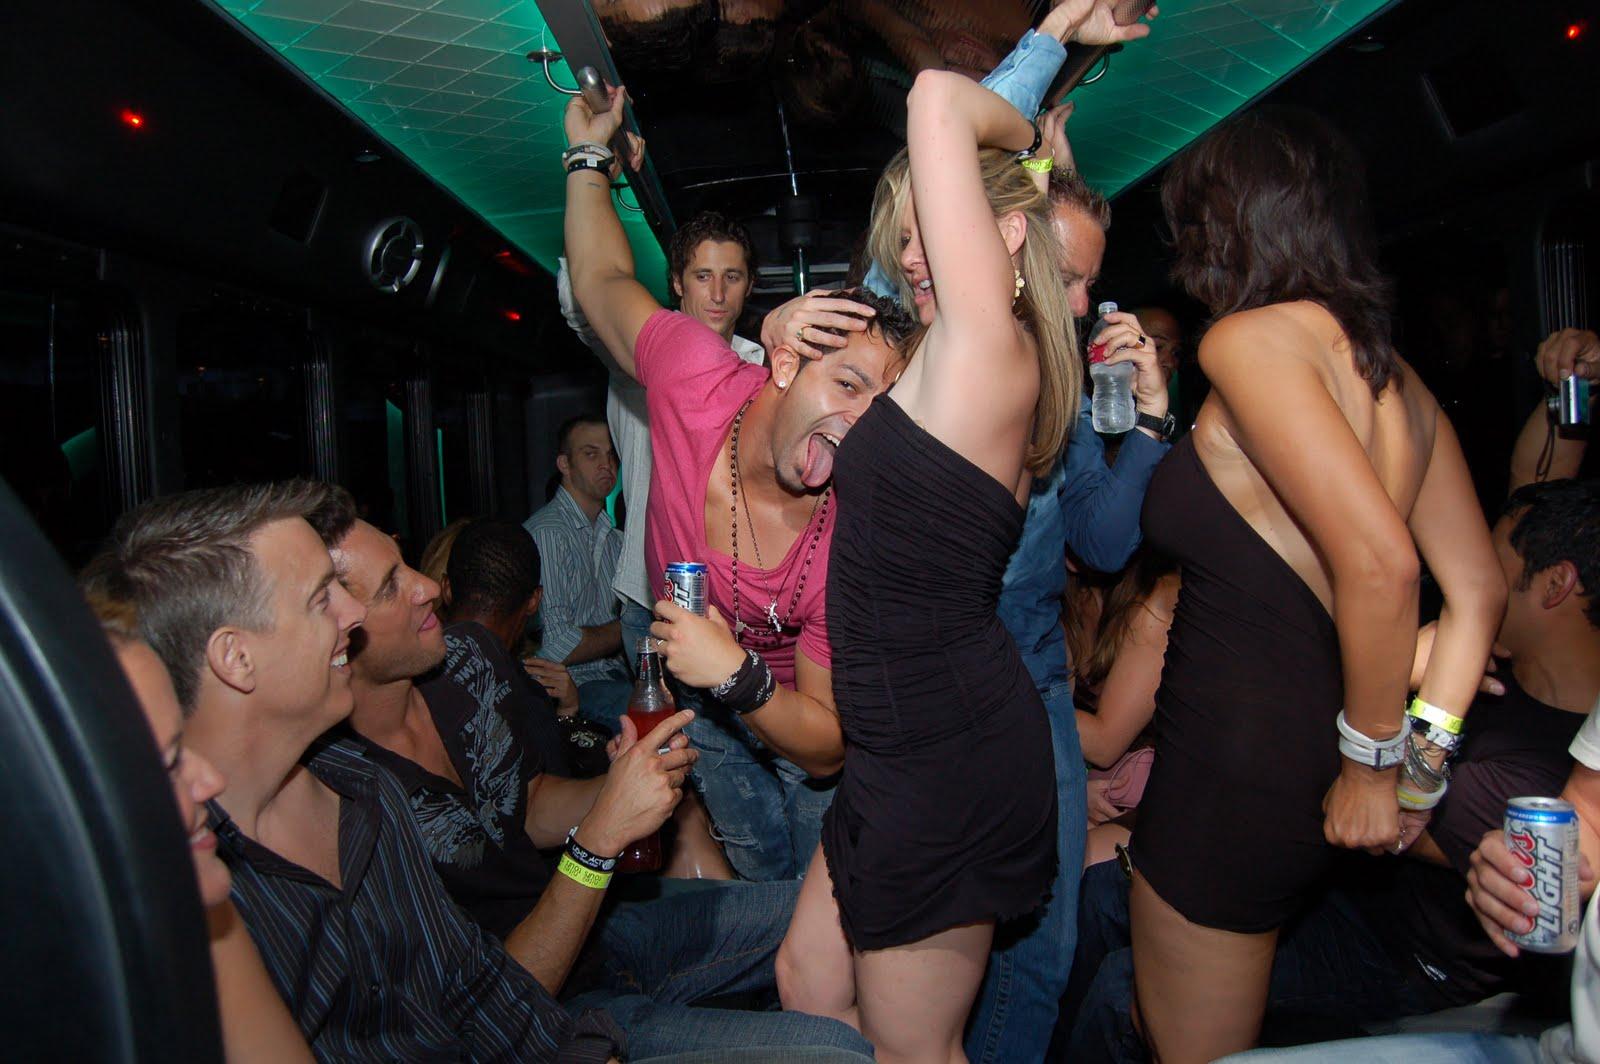 Телки вип клубах, Вечеринка в клубе - 61 видео. Смотреть вечеринка в клубе 2 фотография